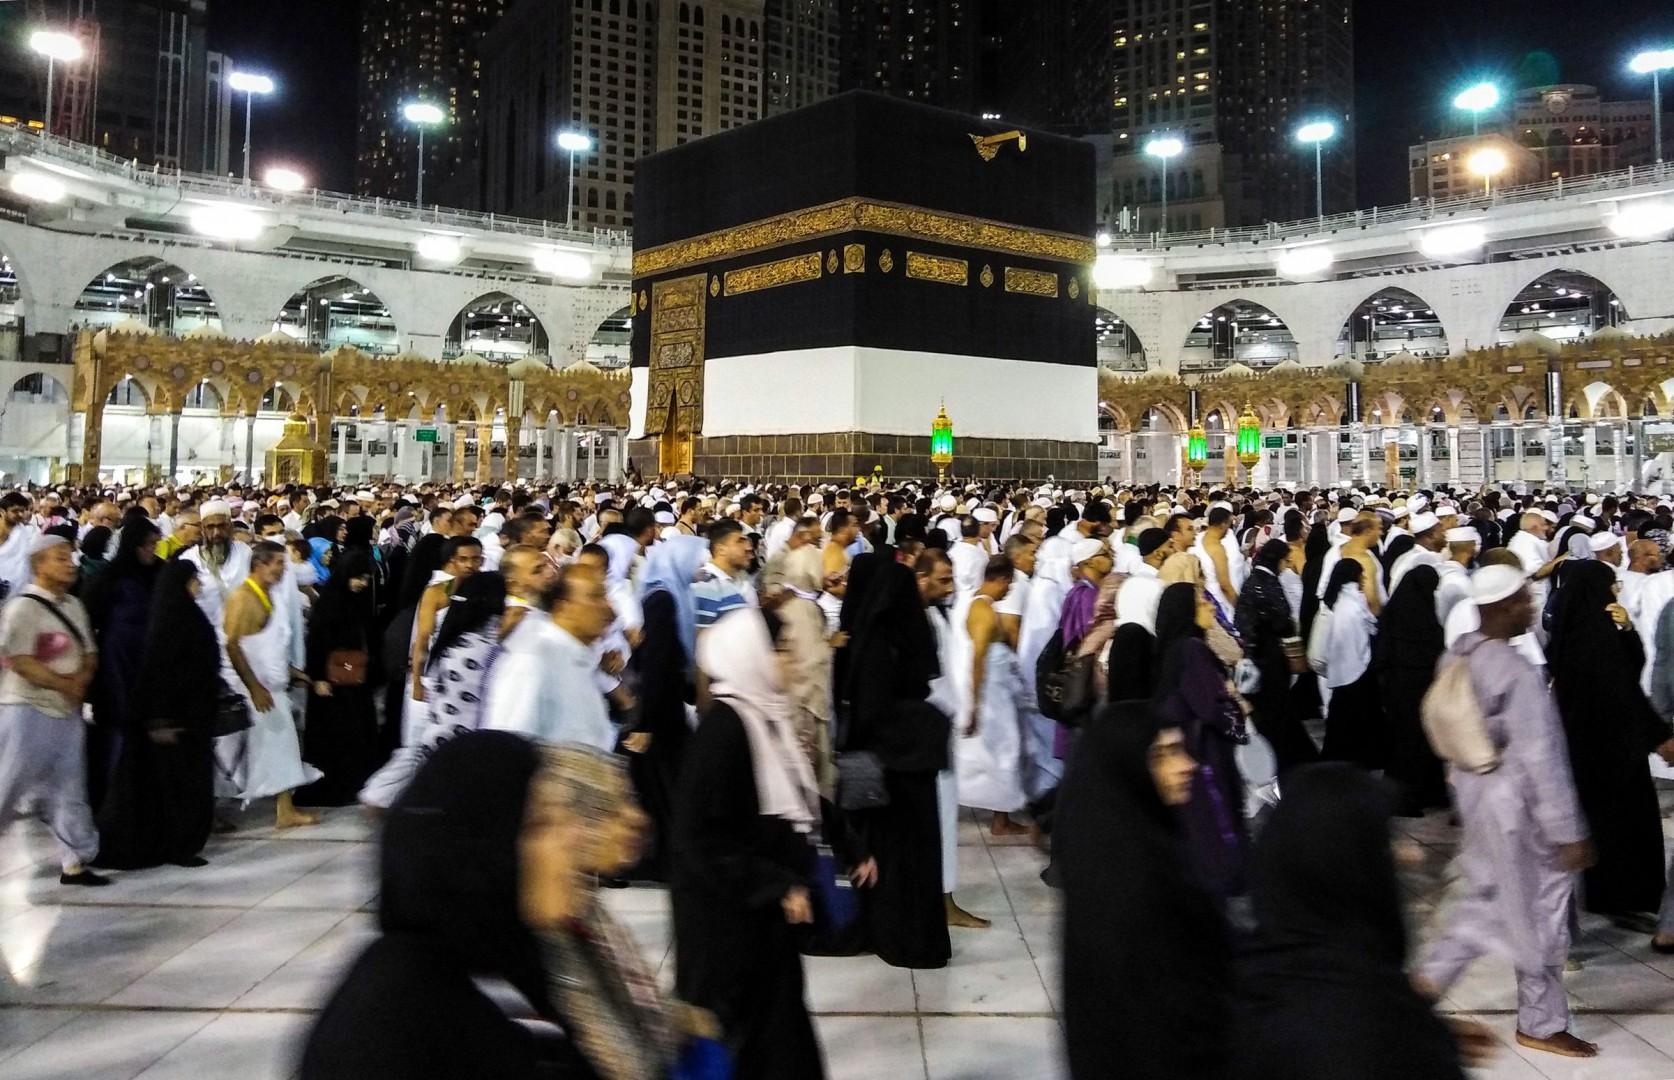 Milioni di pellegrini riempiono La Mecca per il rito dell'hajj (LaPresse)